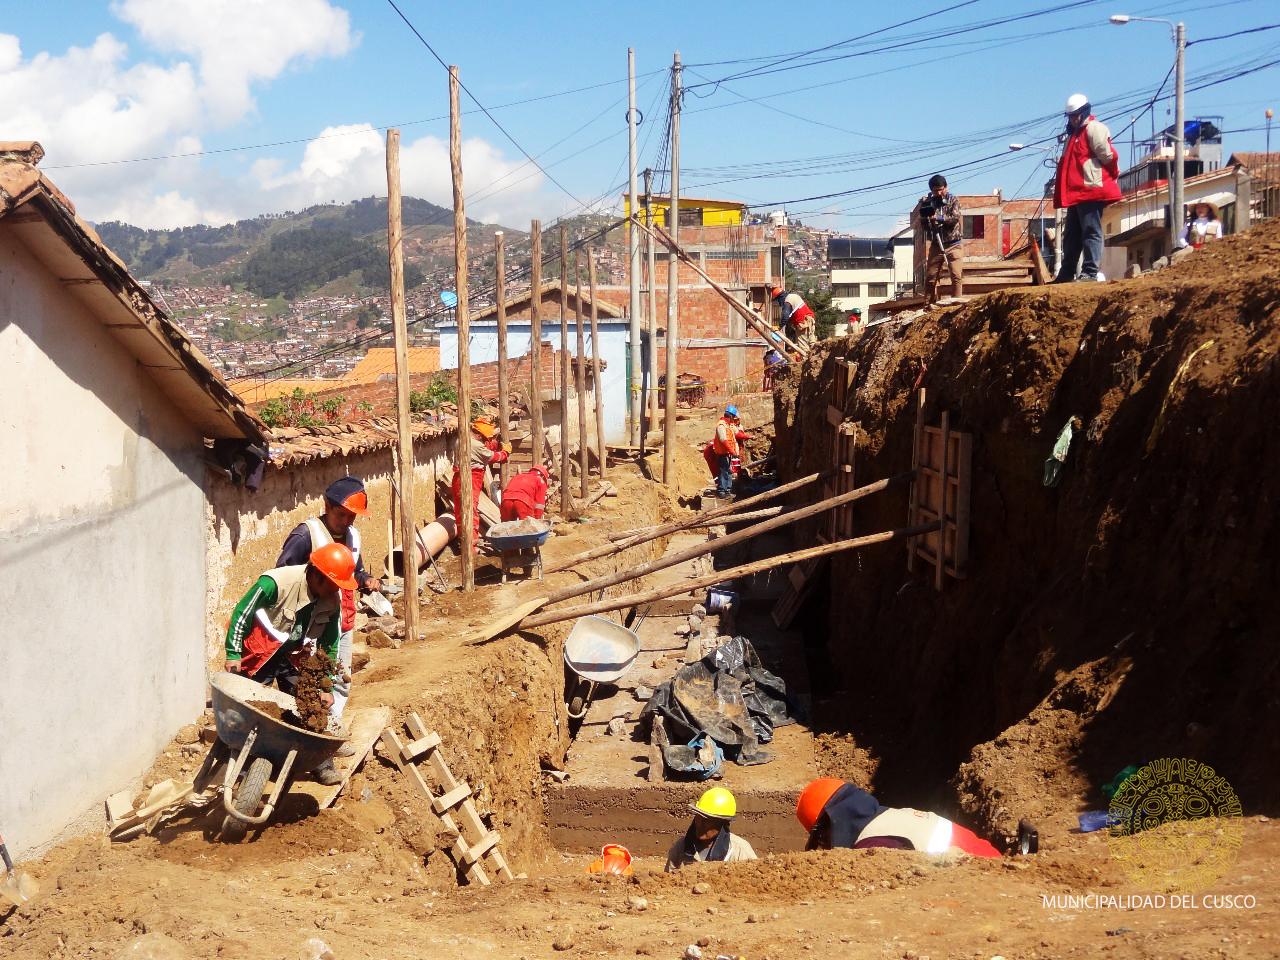 AVENIDA  ERNESTO  GUNTHER  EN EL TRADICIONAL BARRIO DE SAN  BLAS CONTARÁ  CON INFRAESTRUCTURA  VEHICULAR  Y PEATONAL